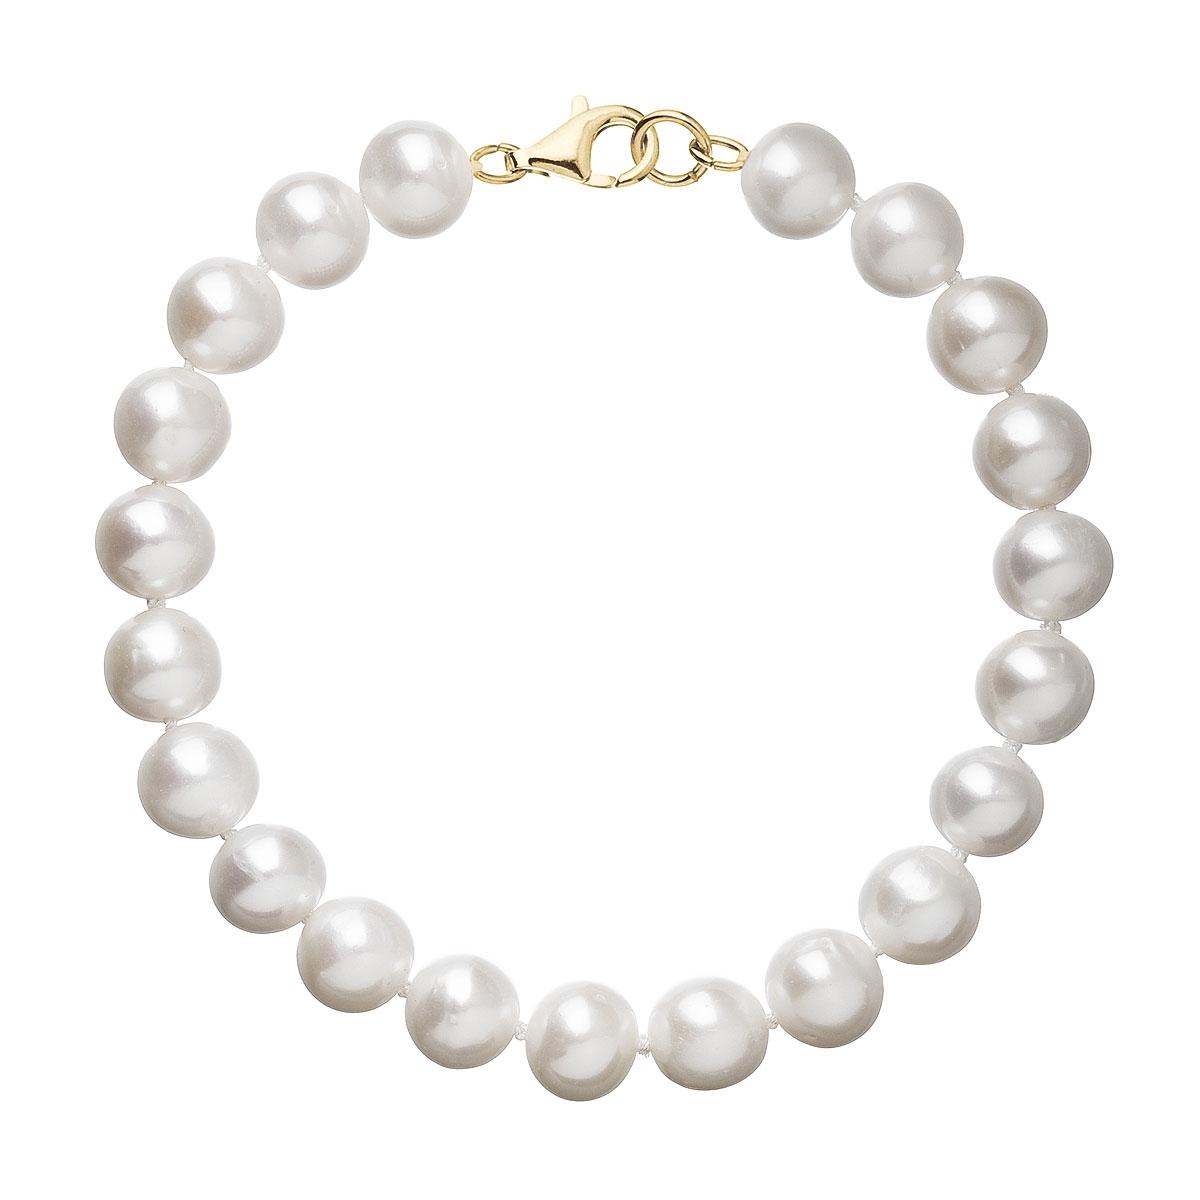 Perlový náramok biely z pravých riečnych perál so zlatým 14 karátovým zapínaním 923003.1